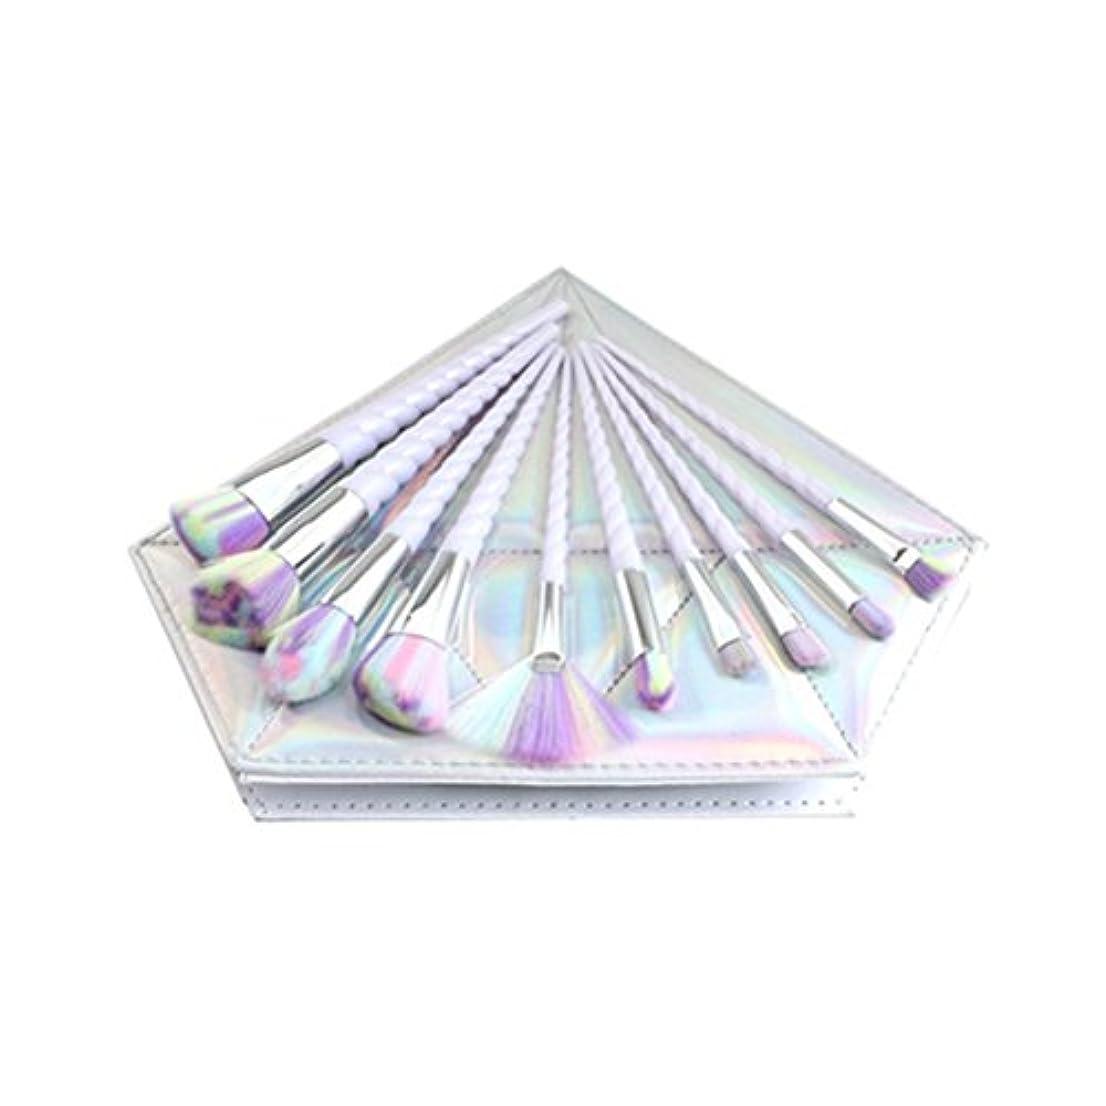 パス構成する所得Dilla Beauty 10本セットユニコーンデザインプラスチックハンドル形状メイクブラシセット合成毛ファンデーションブラシアイシャドーブラッシャー美容ツール美しい化粧品のバッグを送る (白いハンドル - 多色の毛)